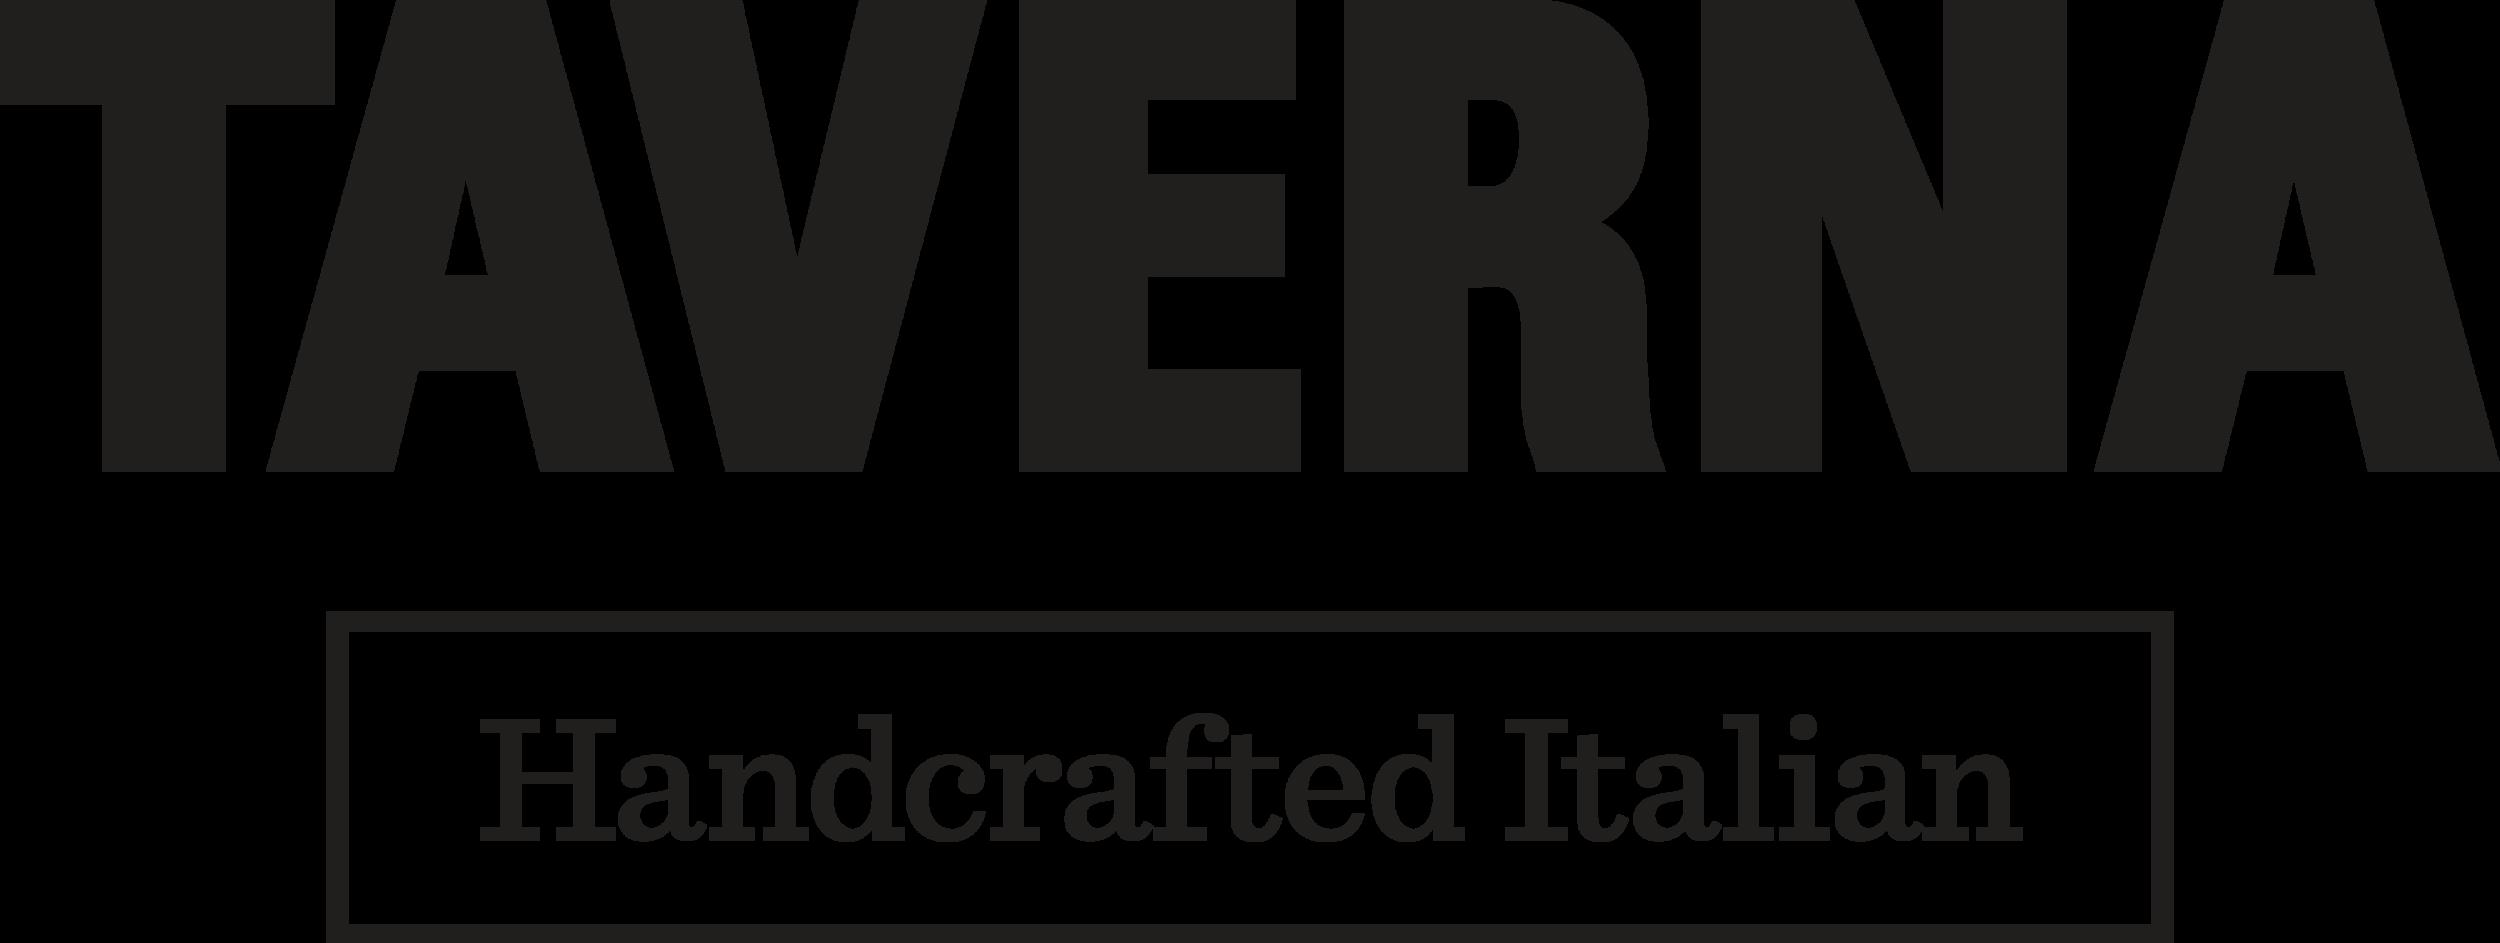 taverna-logo-main